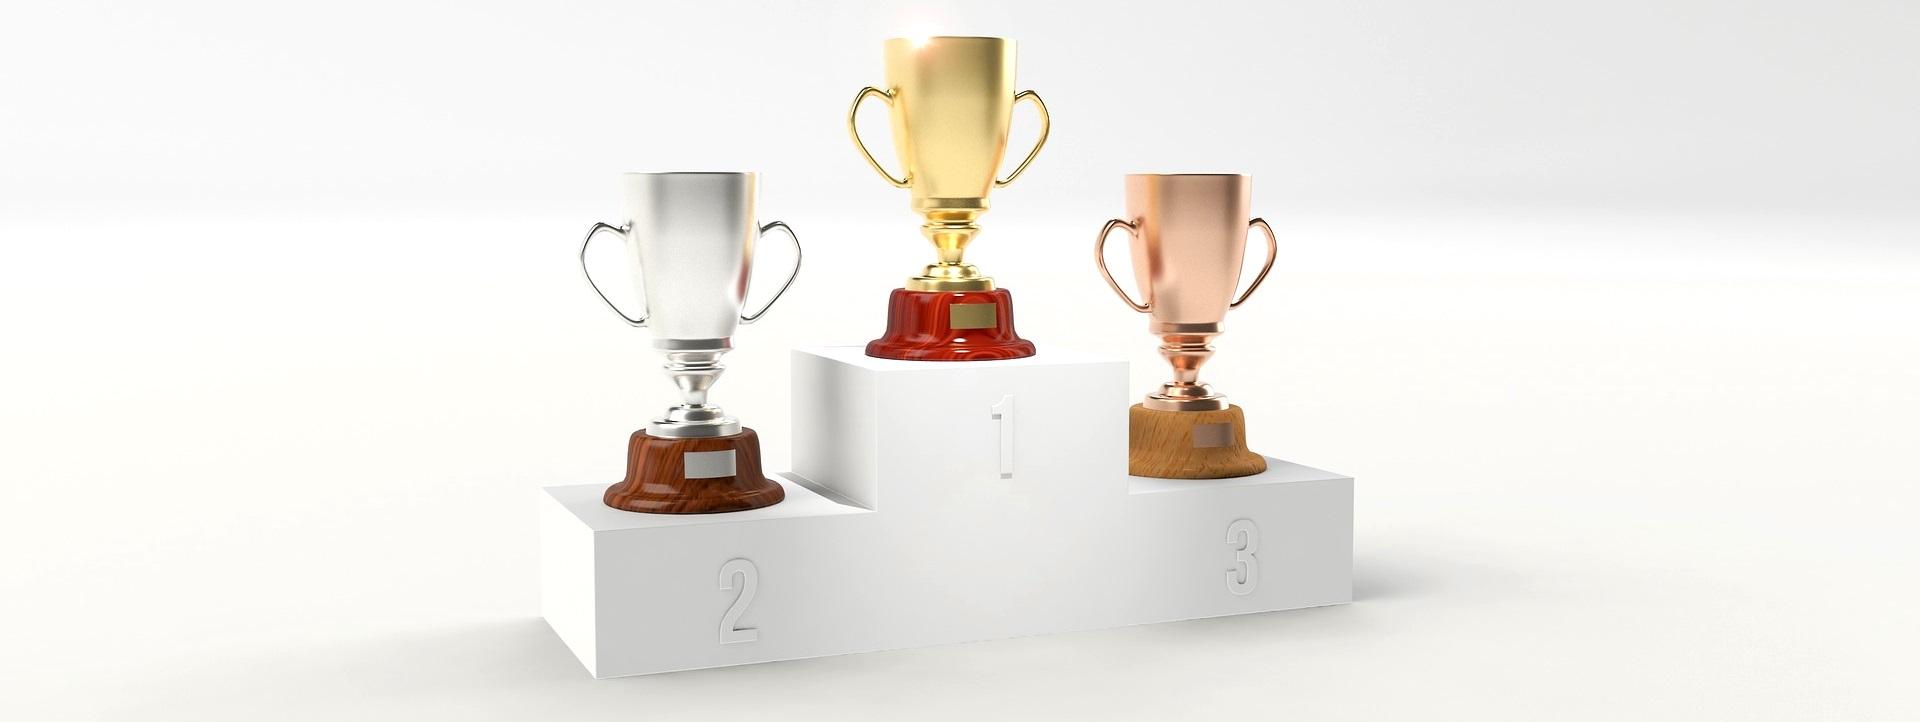 werteorientiertes-verkaufen-kompetenzen-ulrike-knauer-verkauf-vertrieb-verkaufsseminar-verkaufstraining-muenchen-zufriedenheit-spitzenverkaeufer-top